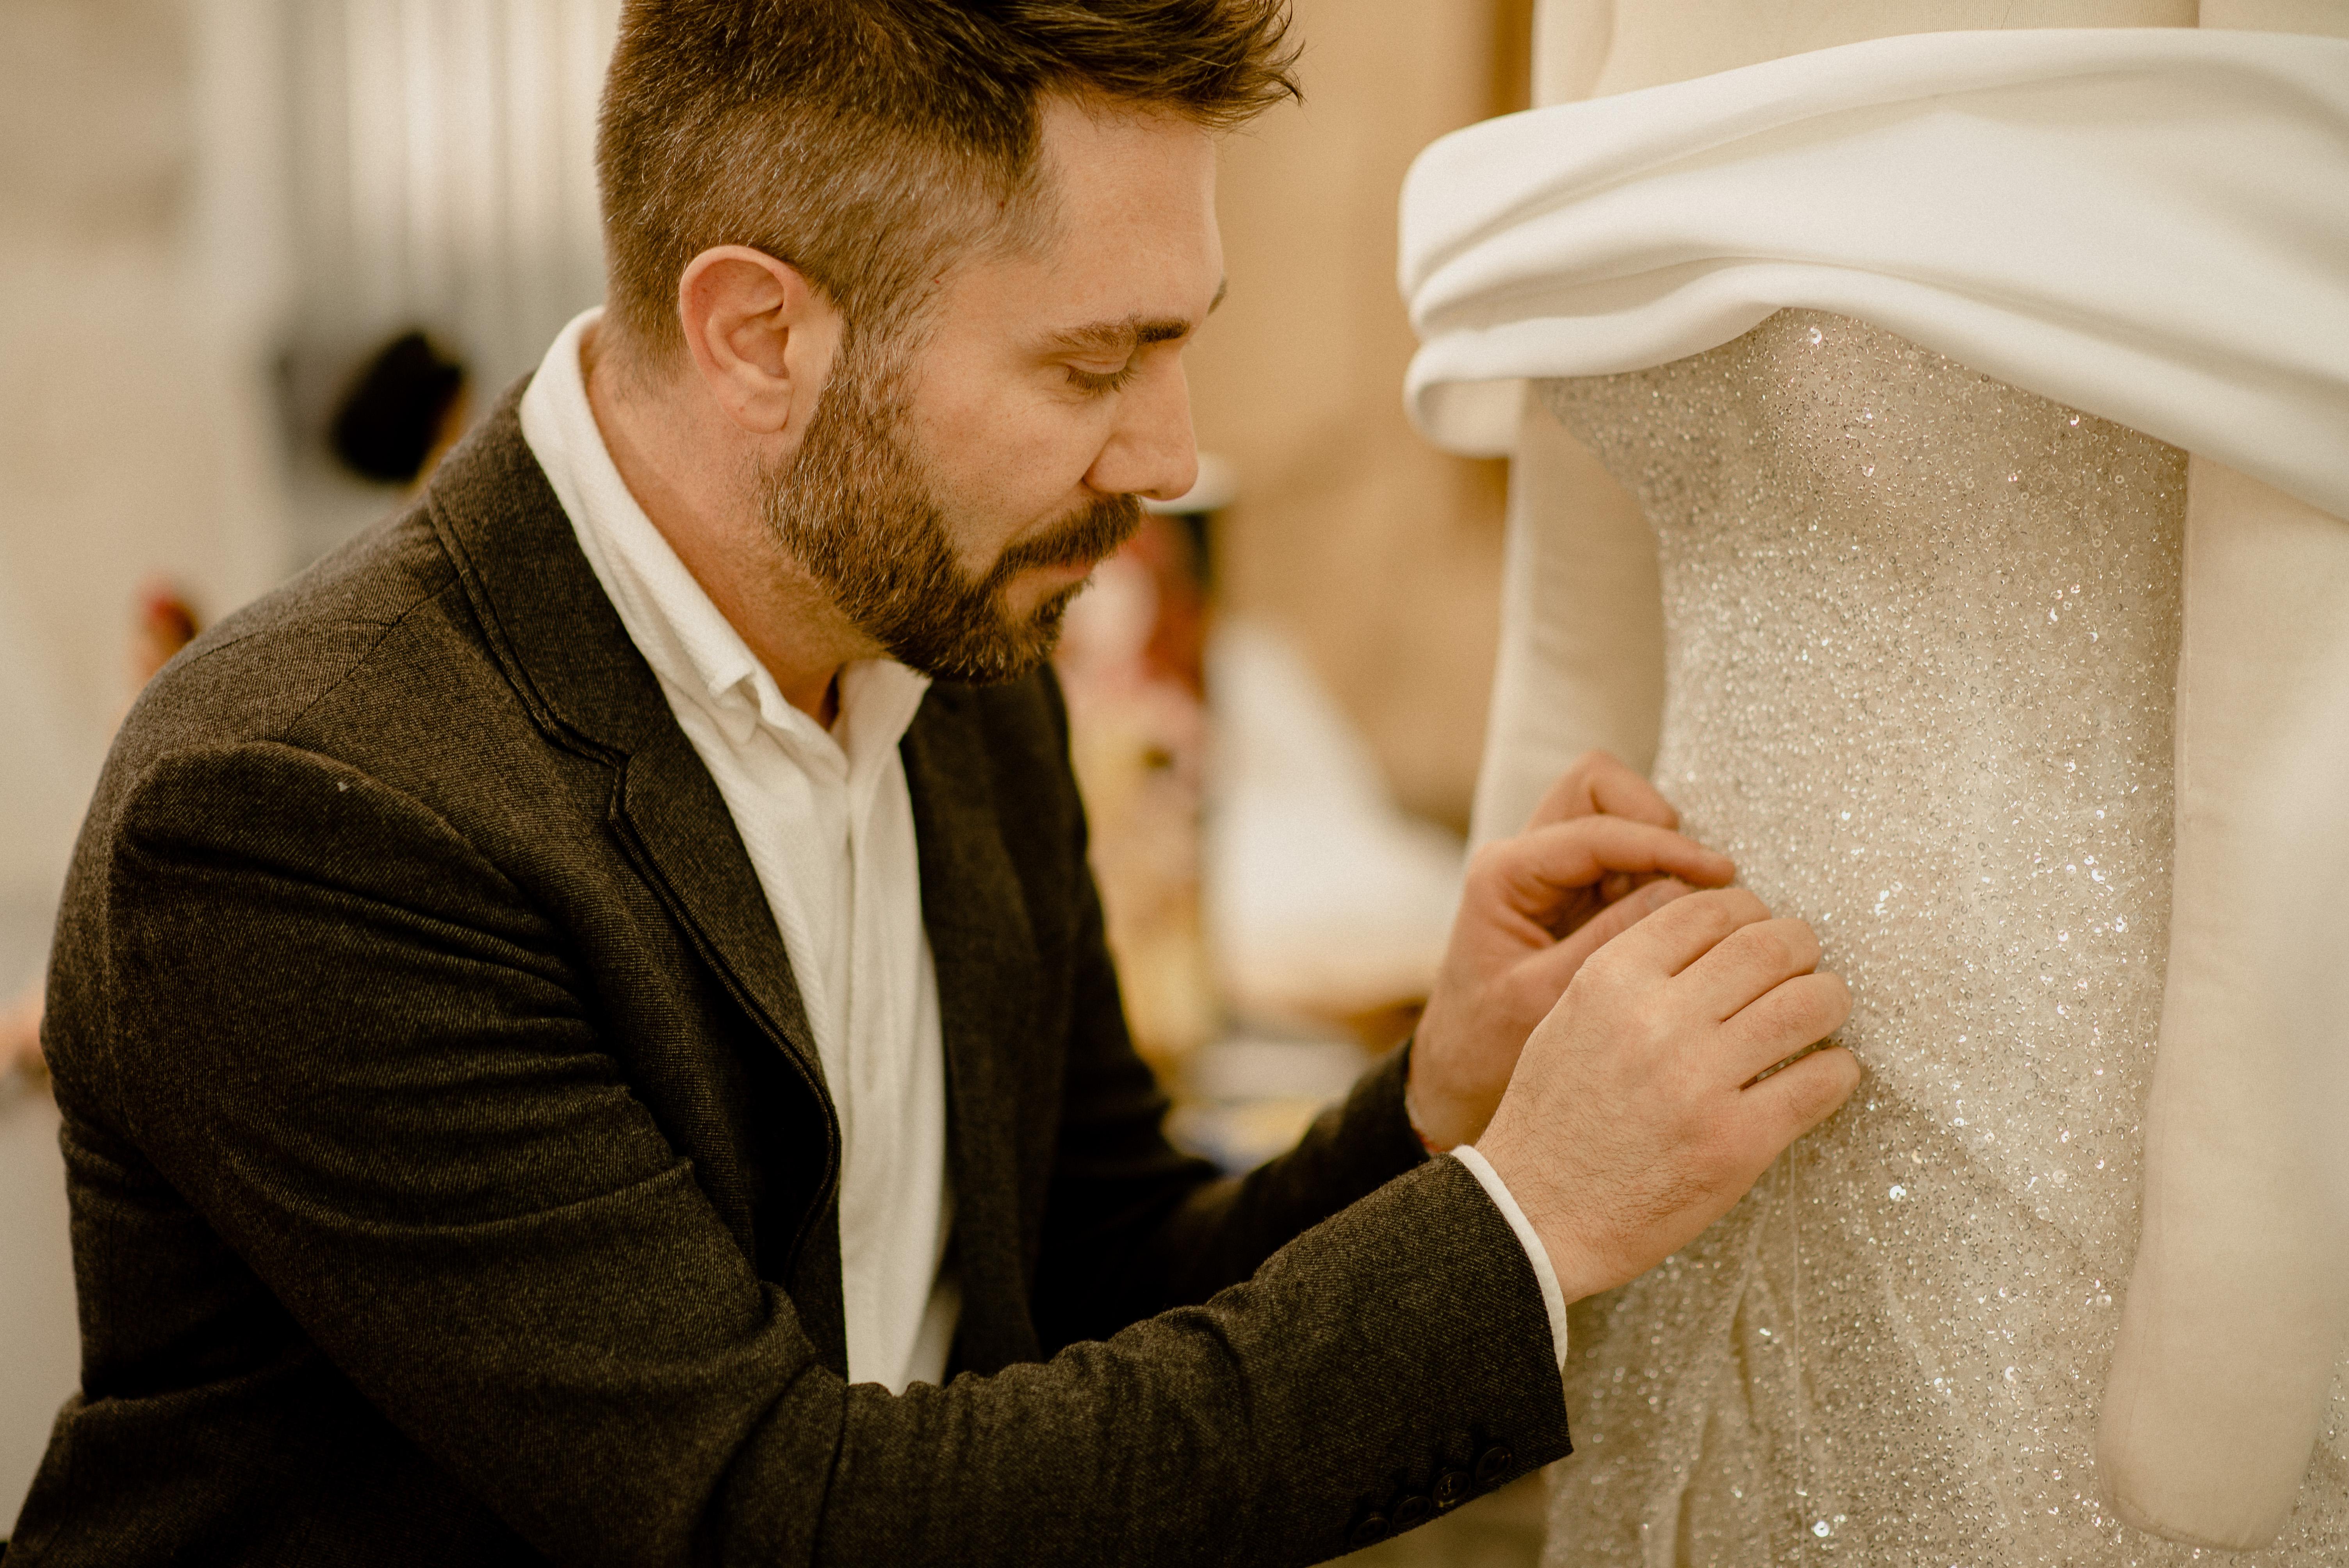 Lucas Anderi costura trecho de vestido de noiva na imagem. Aparece de paletó preto e camisa branca.